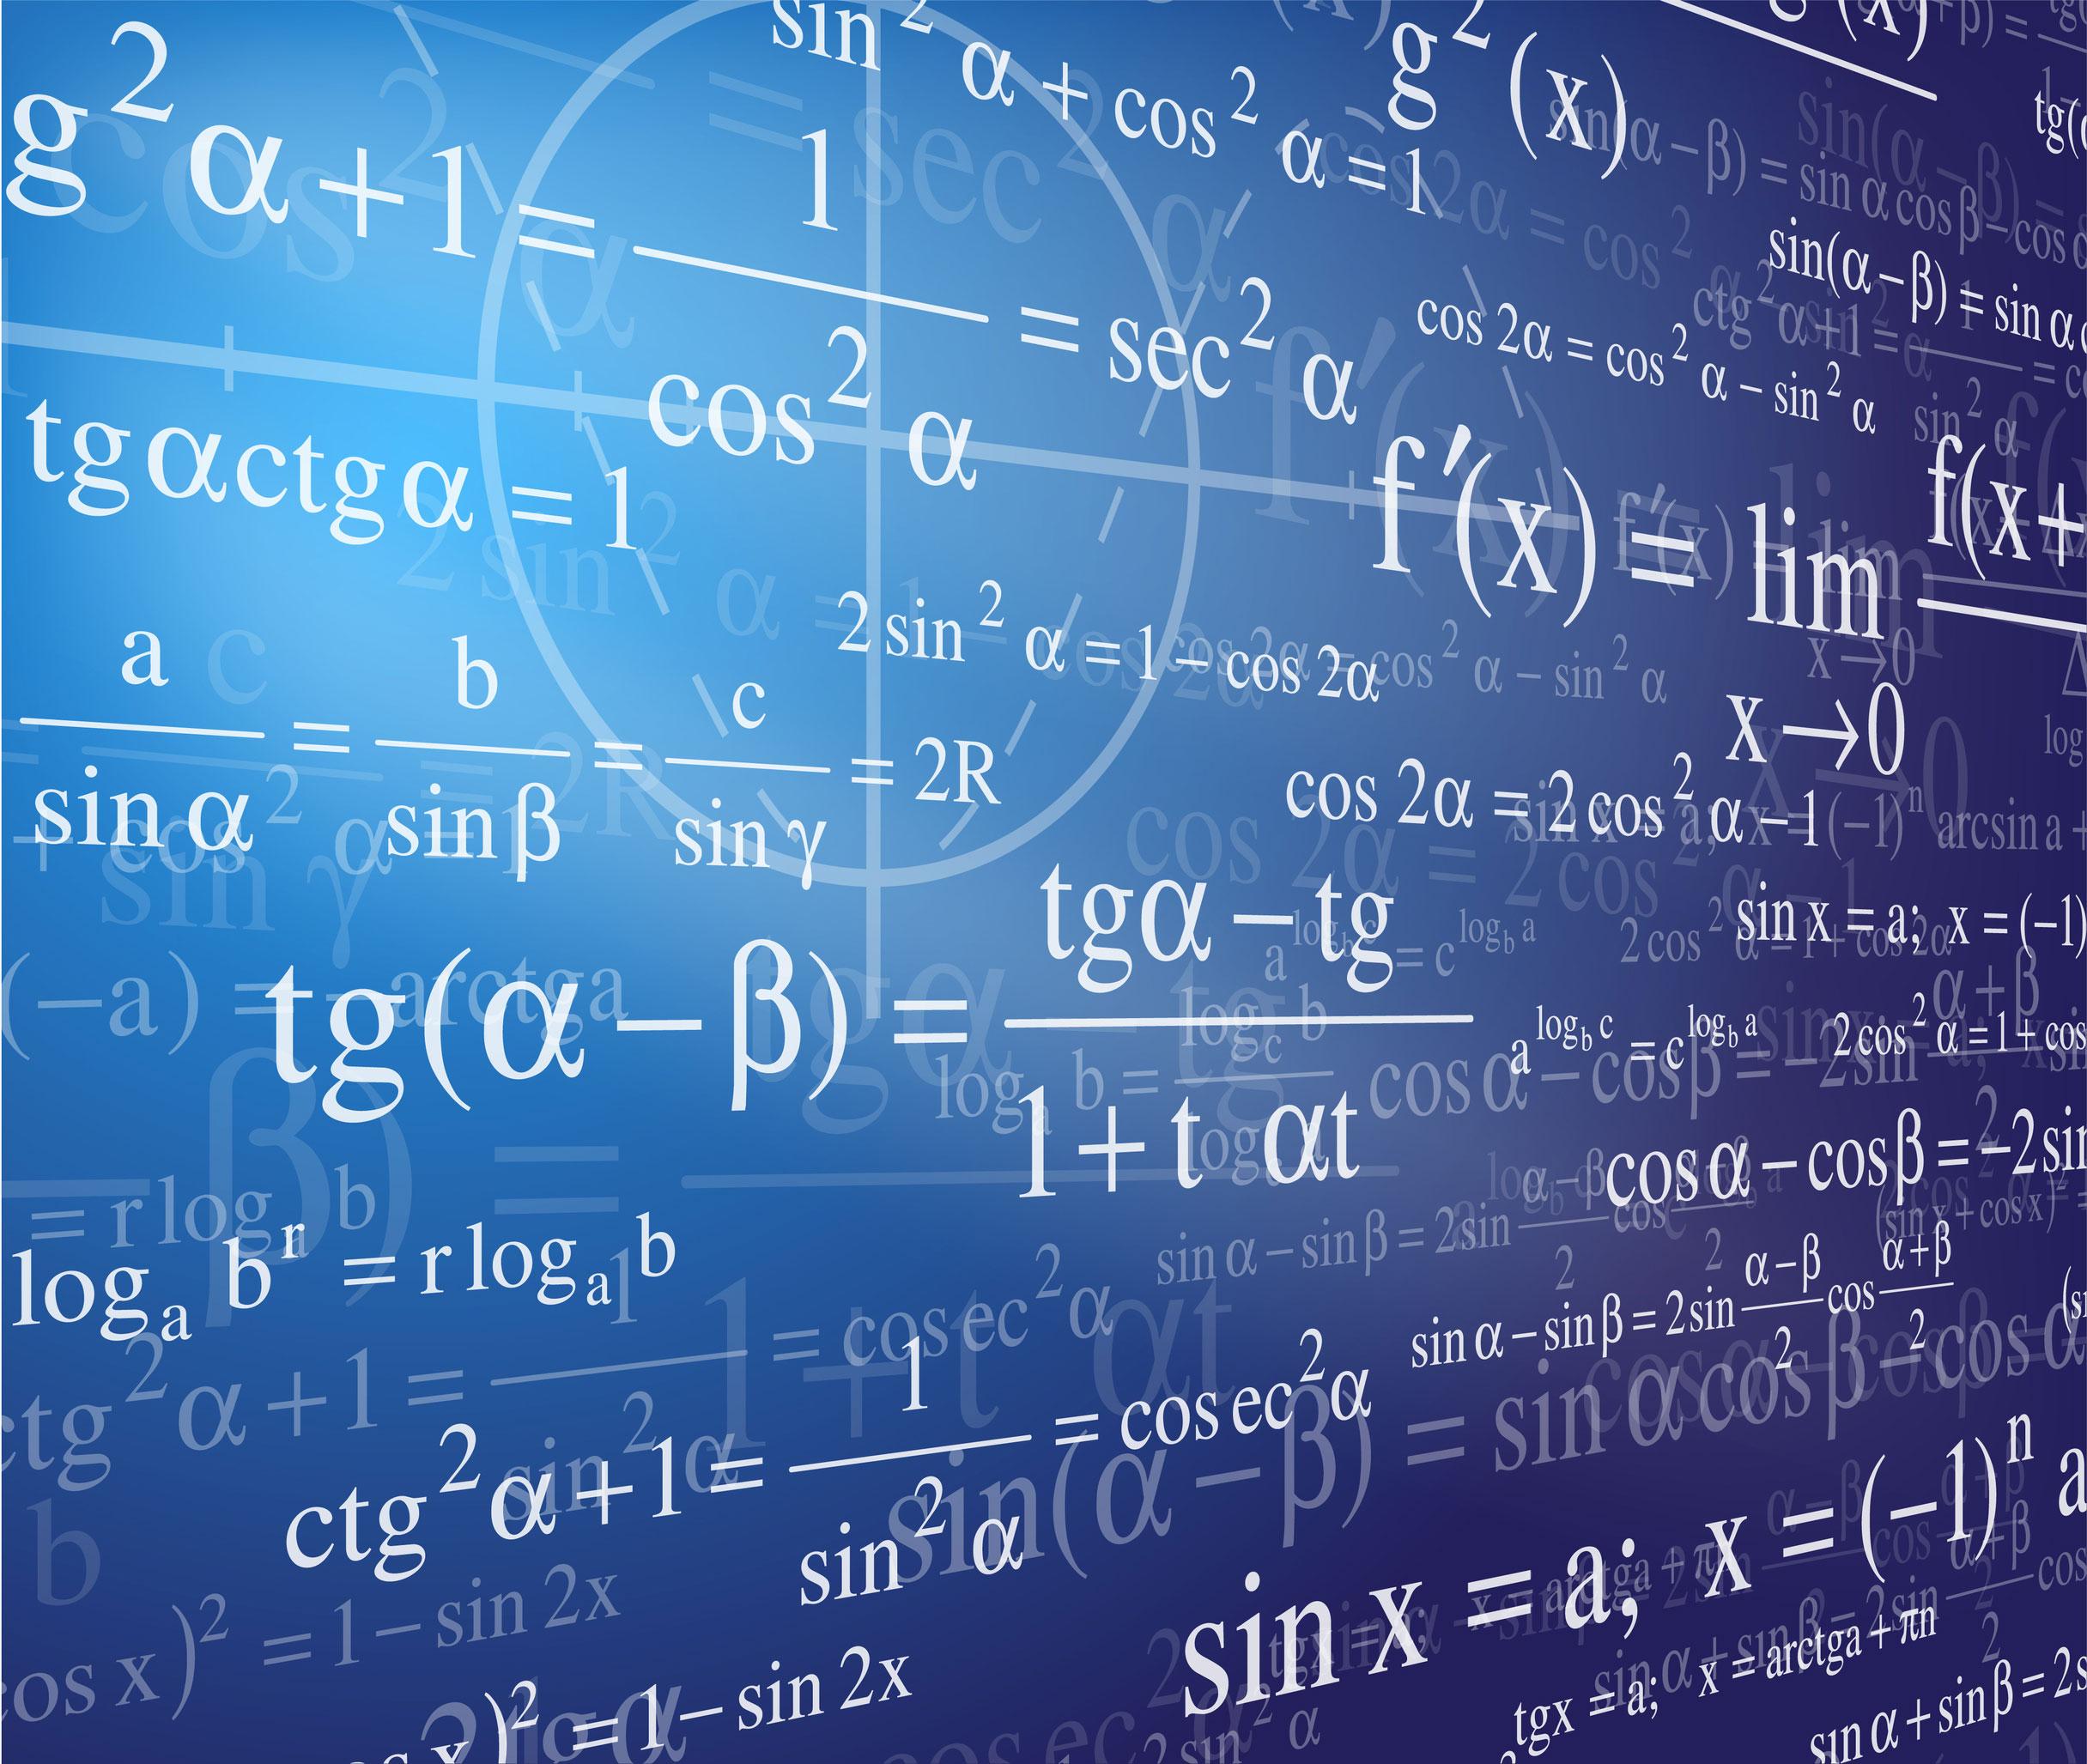 5b61c157e2 Es de esperar que la Fórmula OLSEN tenga un buen desempeño con otros  biómetros ópticos que miden el espesor del cristalino, como la serie IOL  MASTER 700 ...